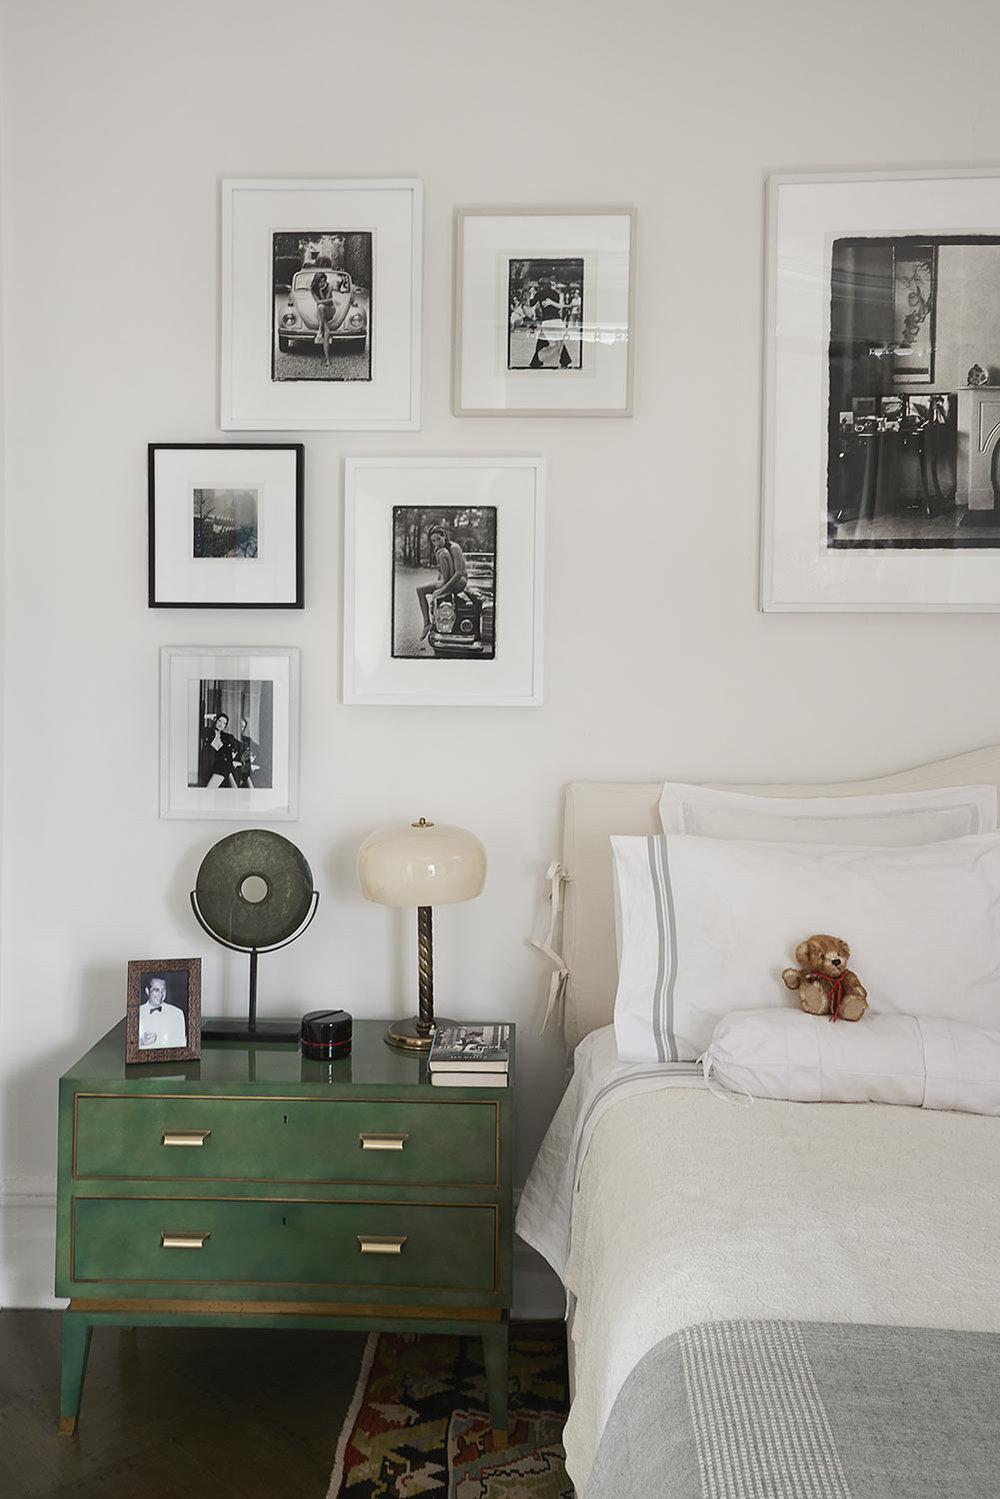 Upper East Side | Nueva York   Entrando por un pasillo de inspiración africana con tapetes Kuba procedentes de Mali y paredes tapizadas en rafia, desemboca un salón donde predominan los colores rosa y lila en una atmósfera italiana de los años 50 con fotografías en blanco y negro y muebles lacados vintage.